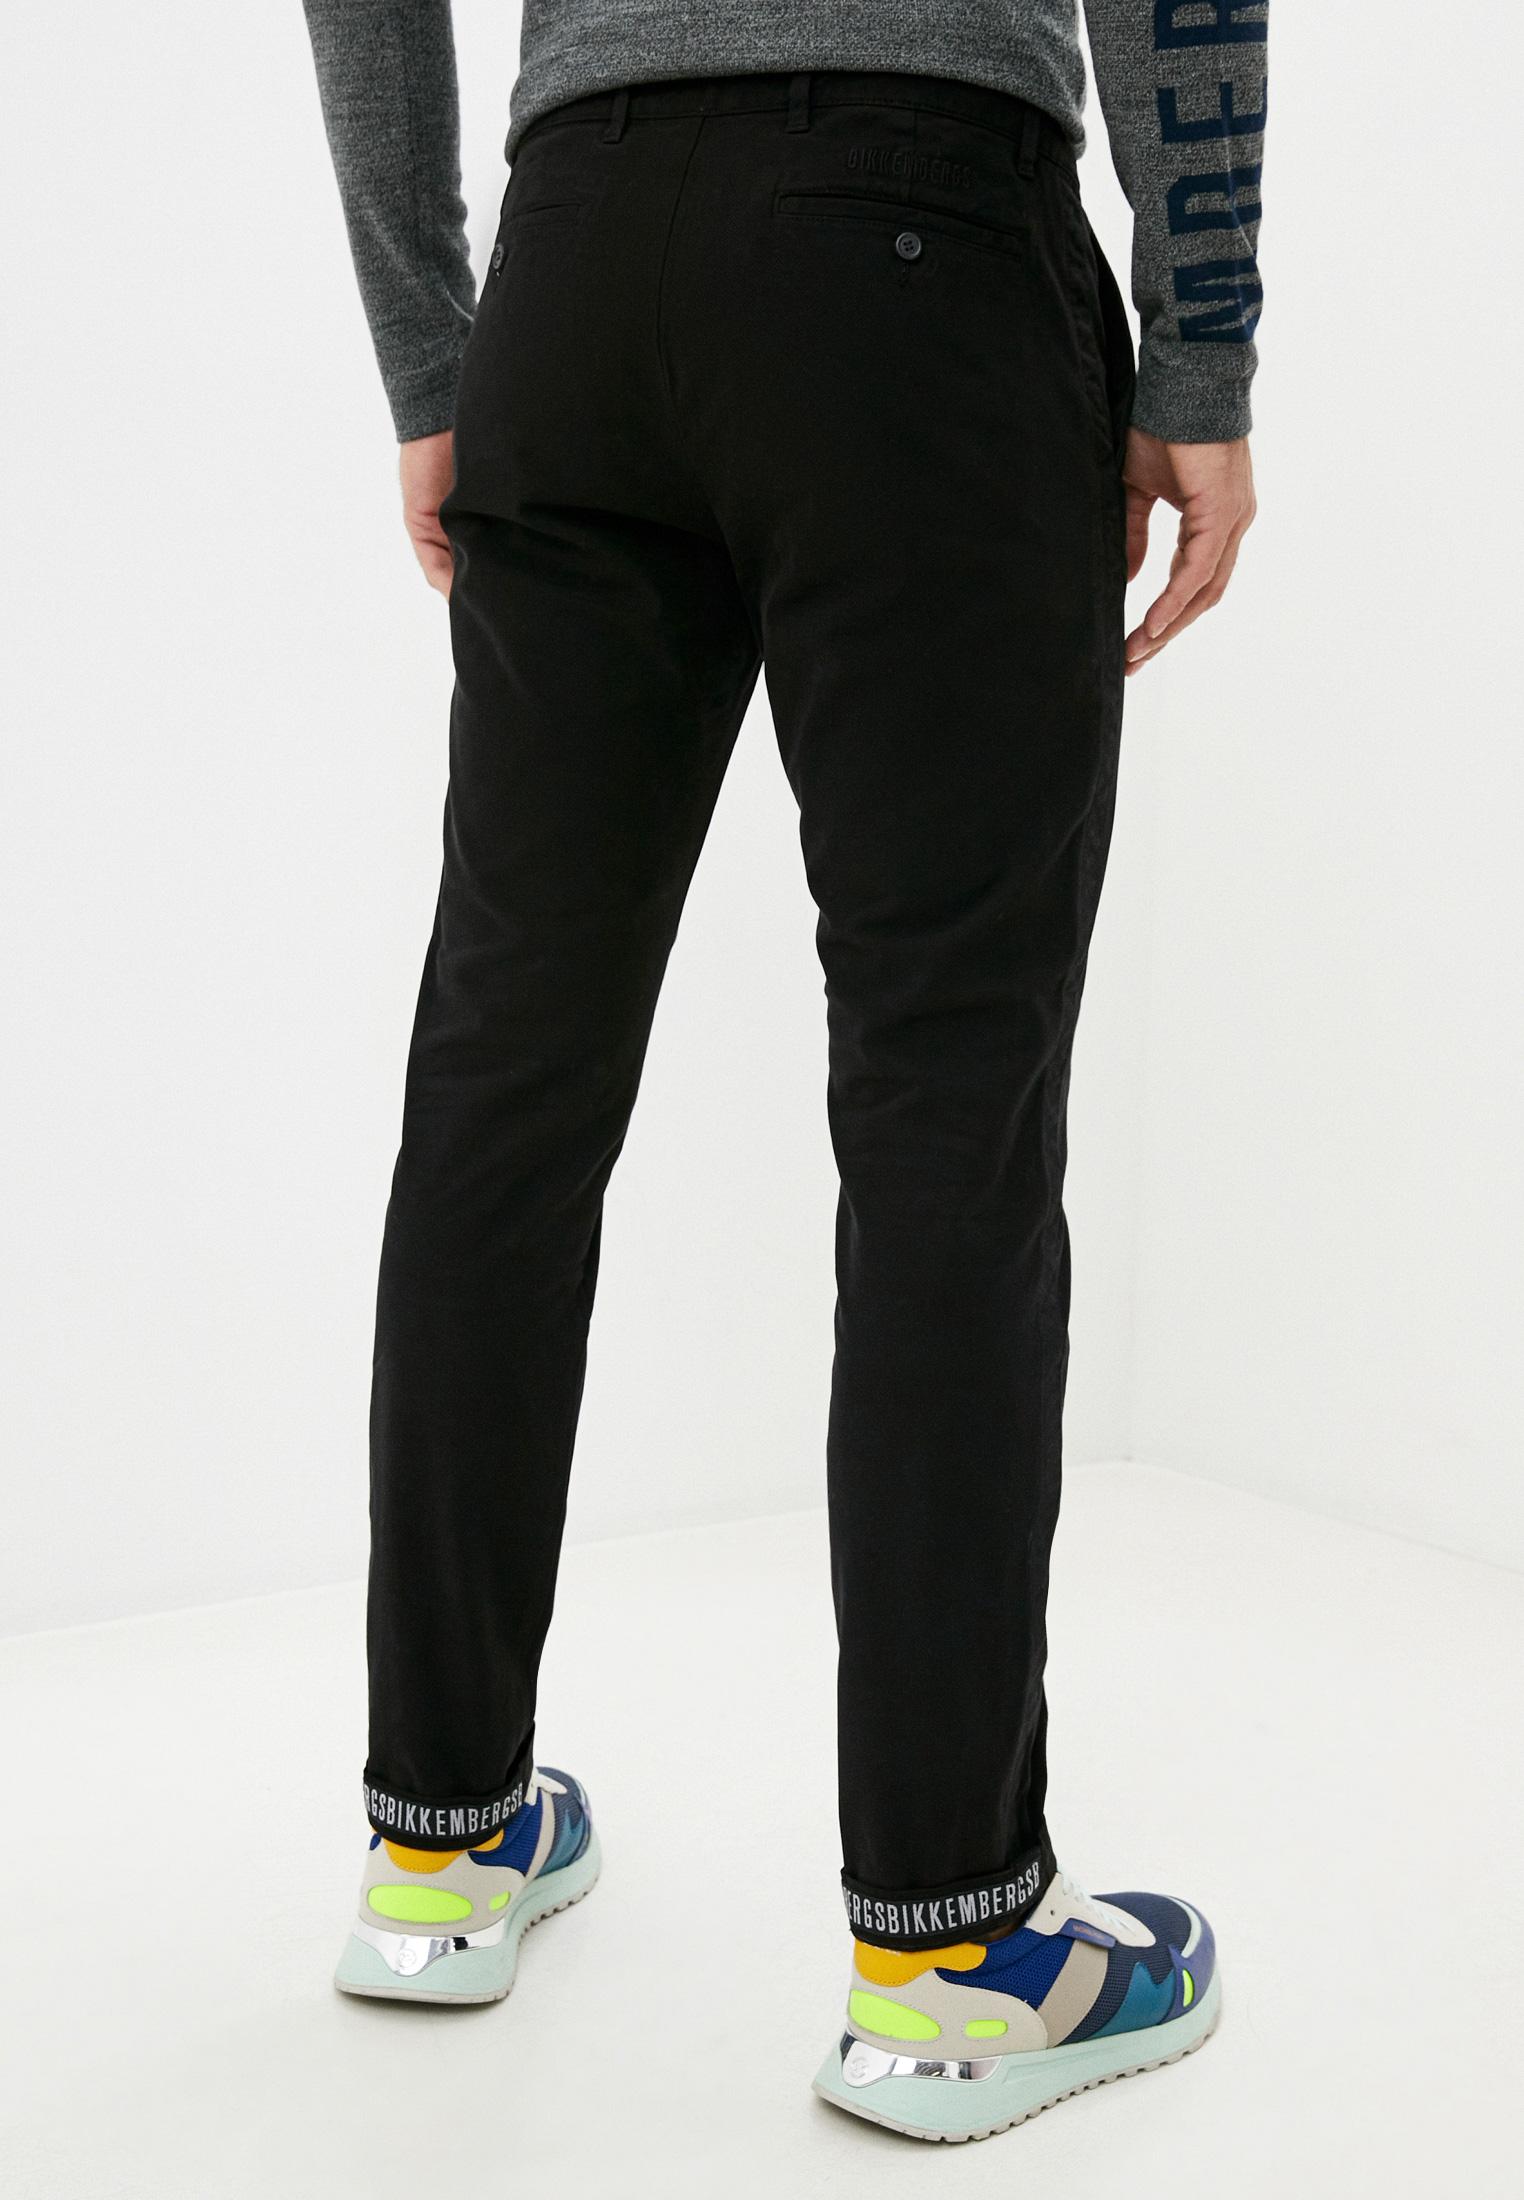 Мужские повседневные брюки Bikkembergs (Биккембергс) C P 001 04 S 3472: изображение 4